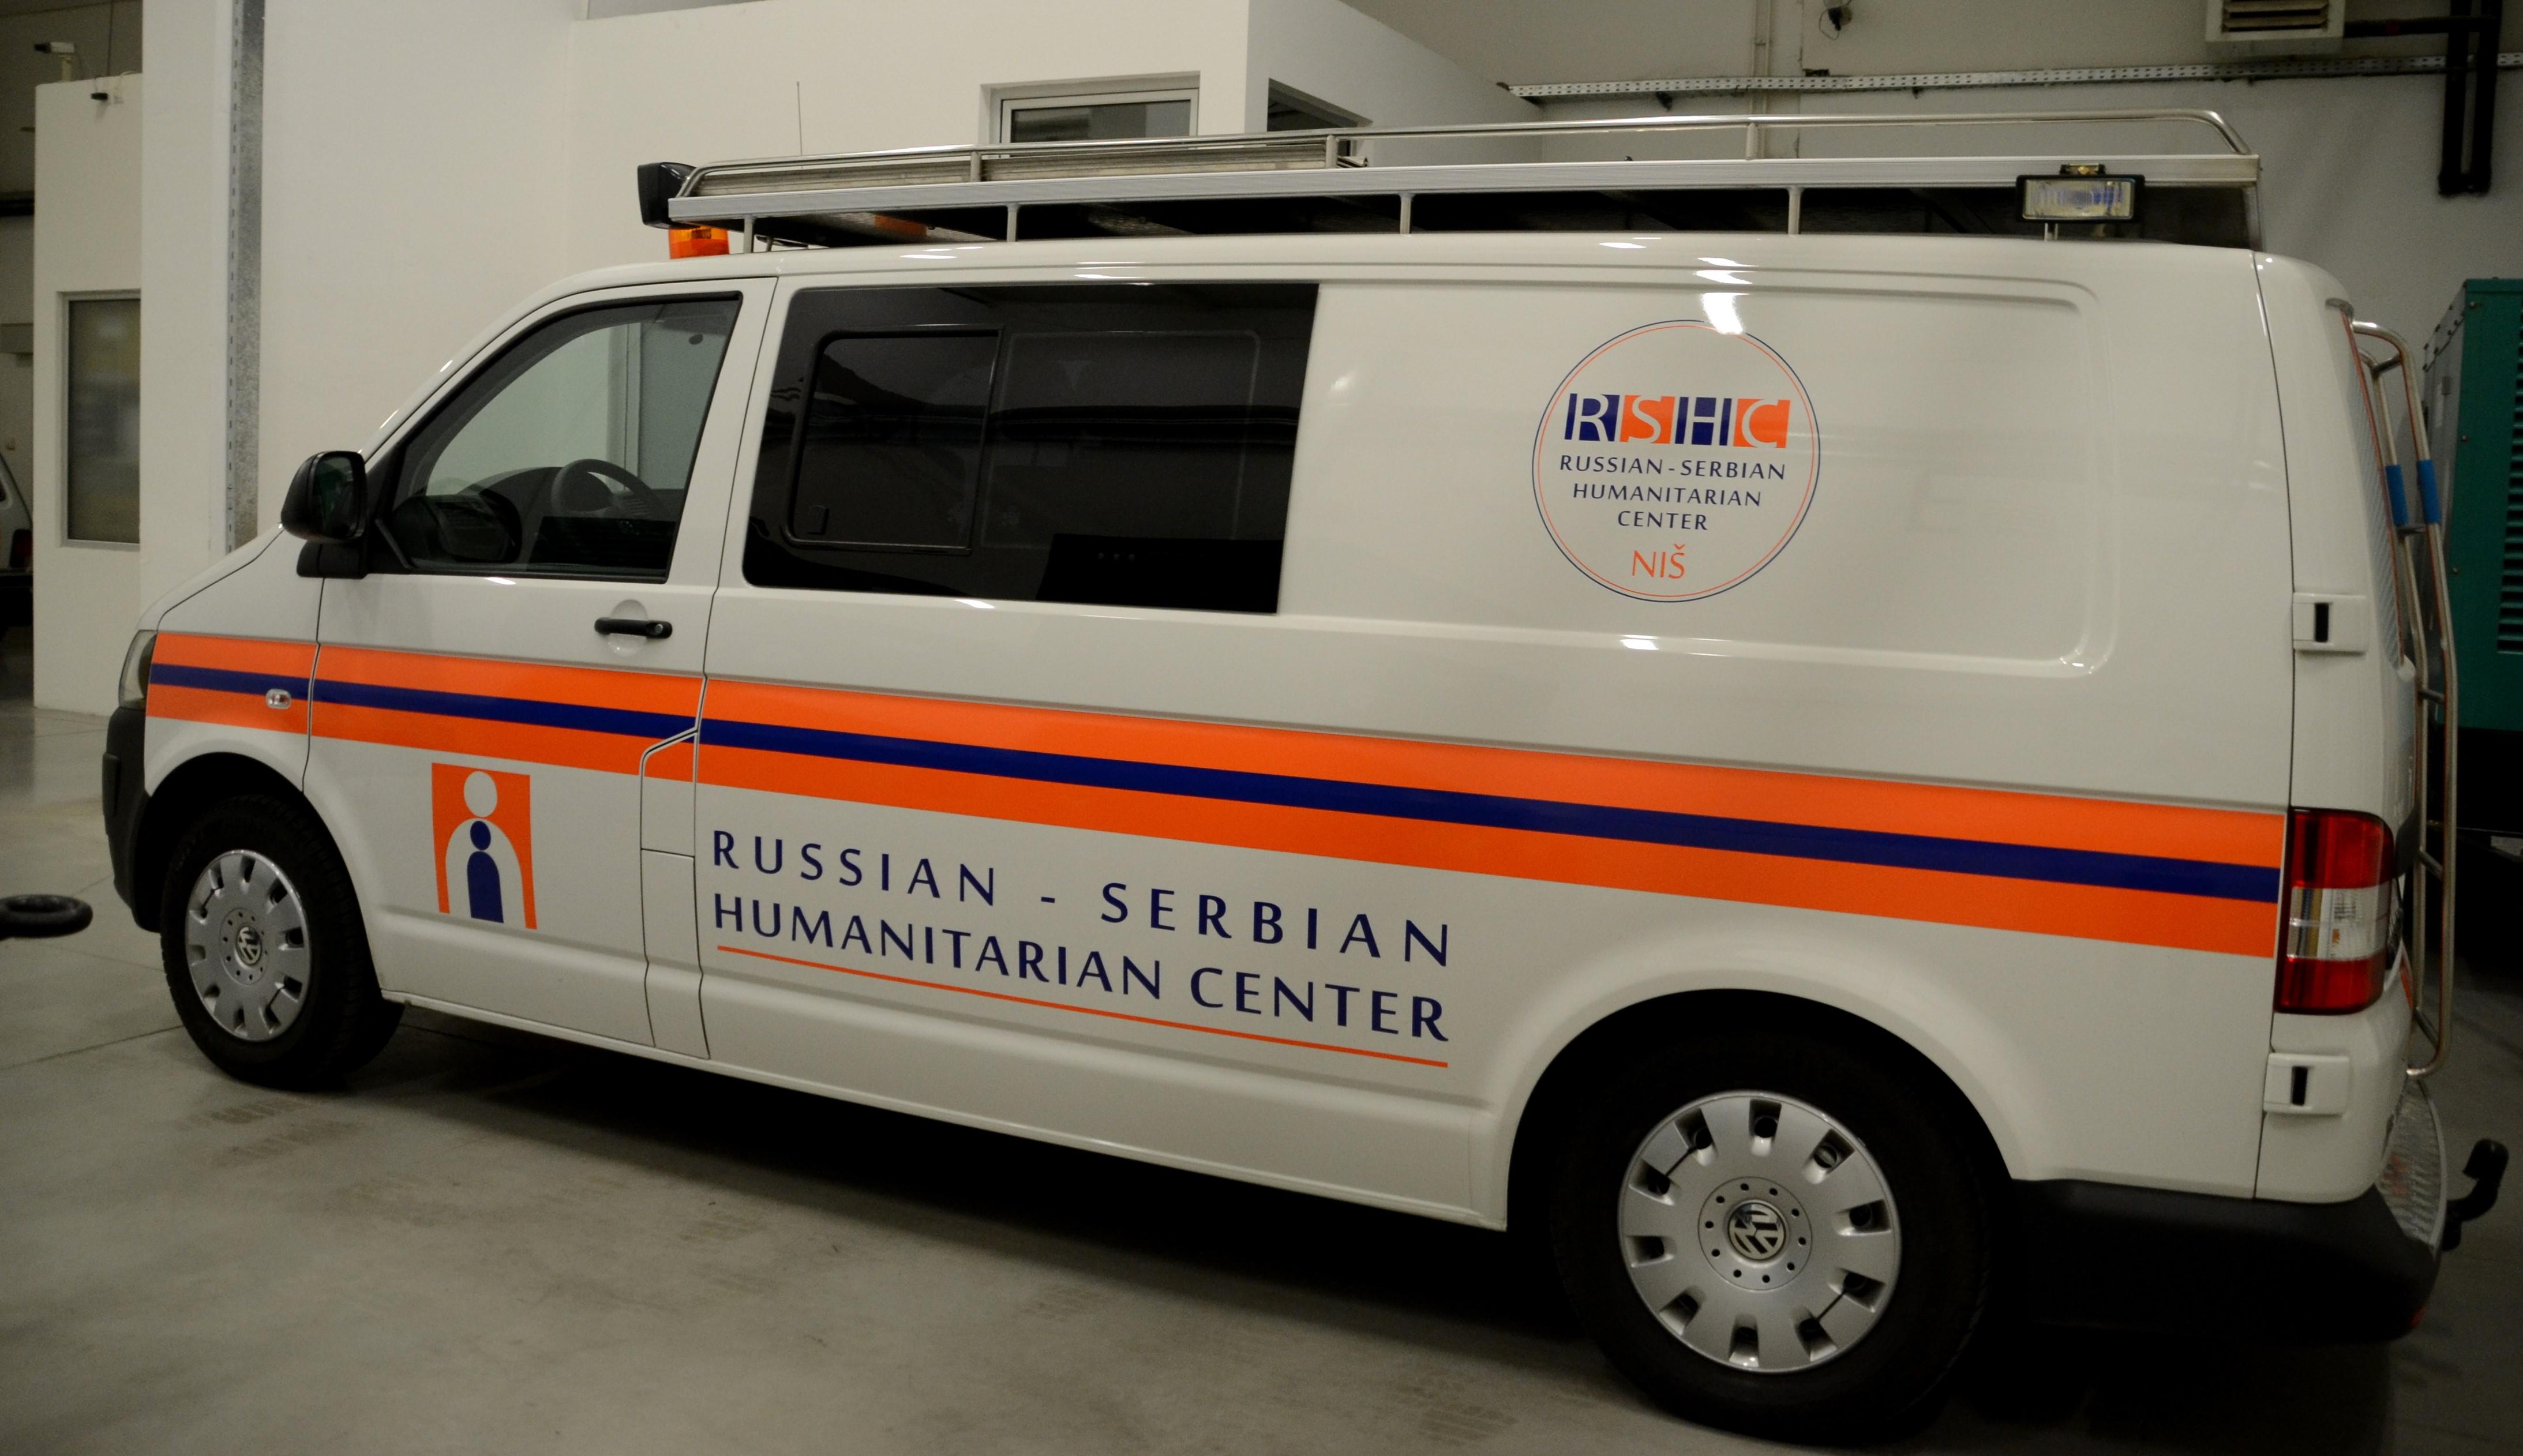 Српско-руски хуманитарни центар у Нишу.